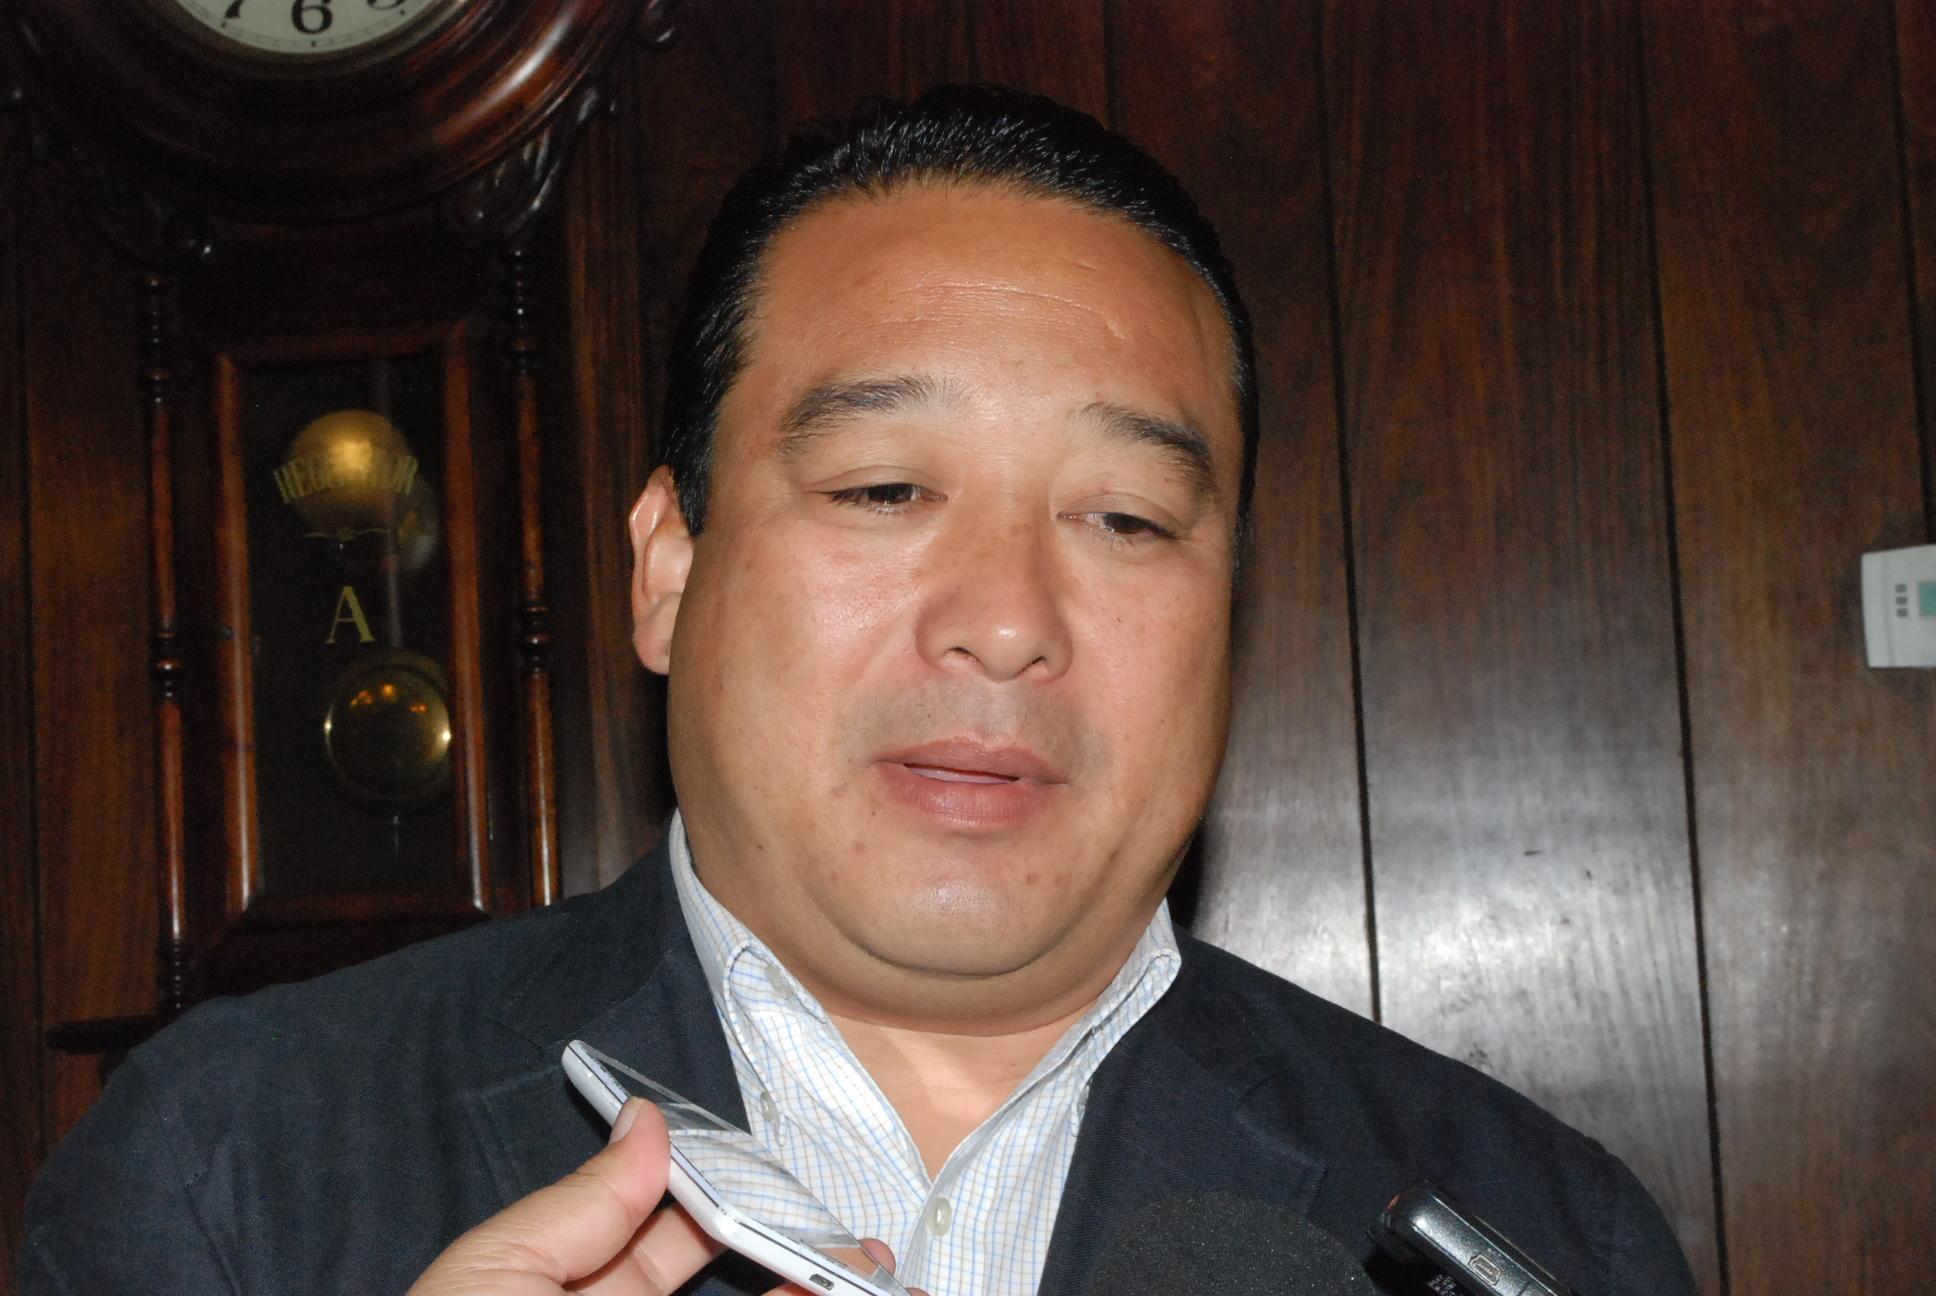 Un engaño más licitación para alumbrado público: Tsutsumi